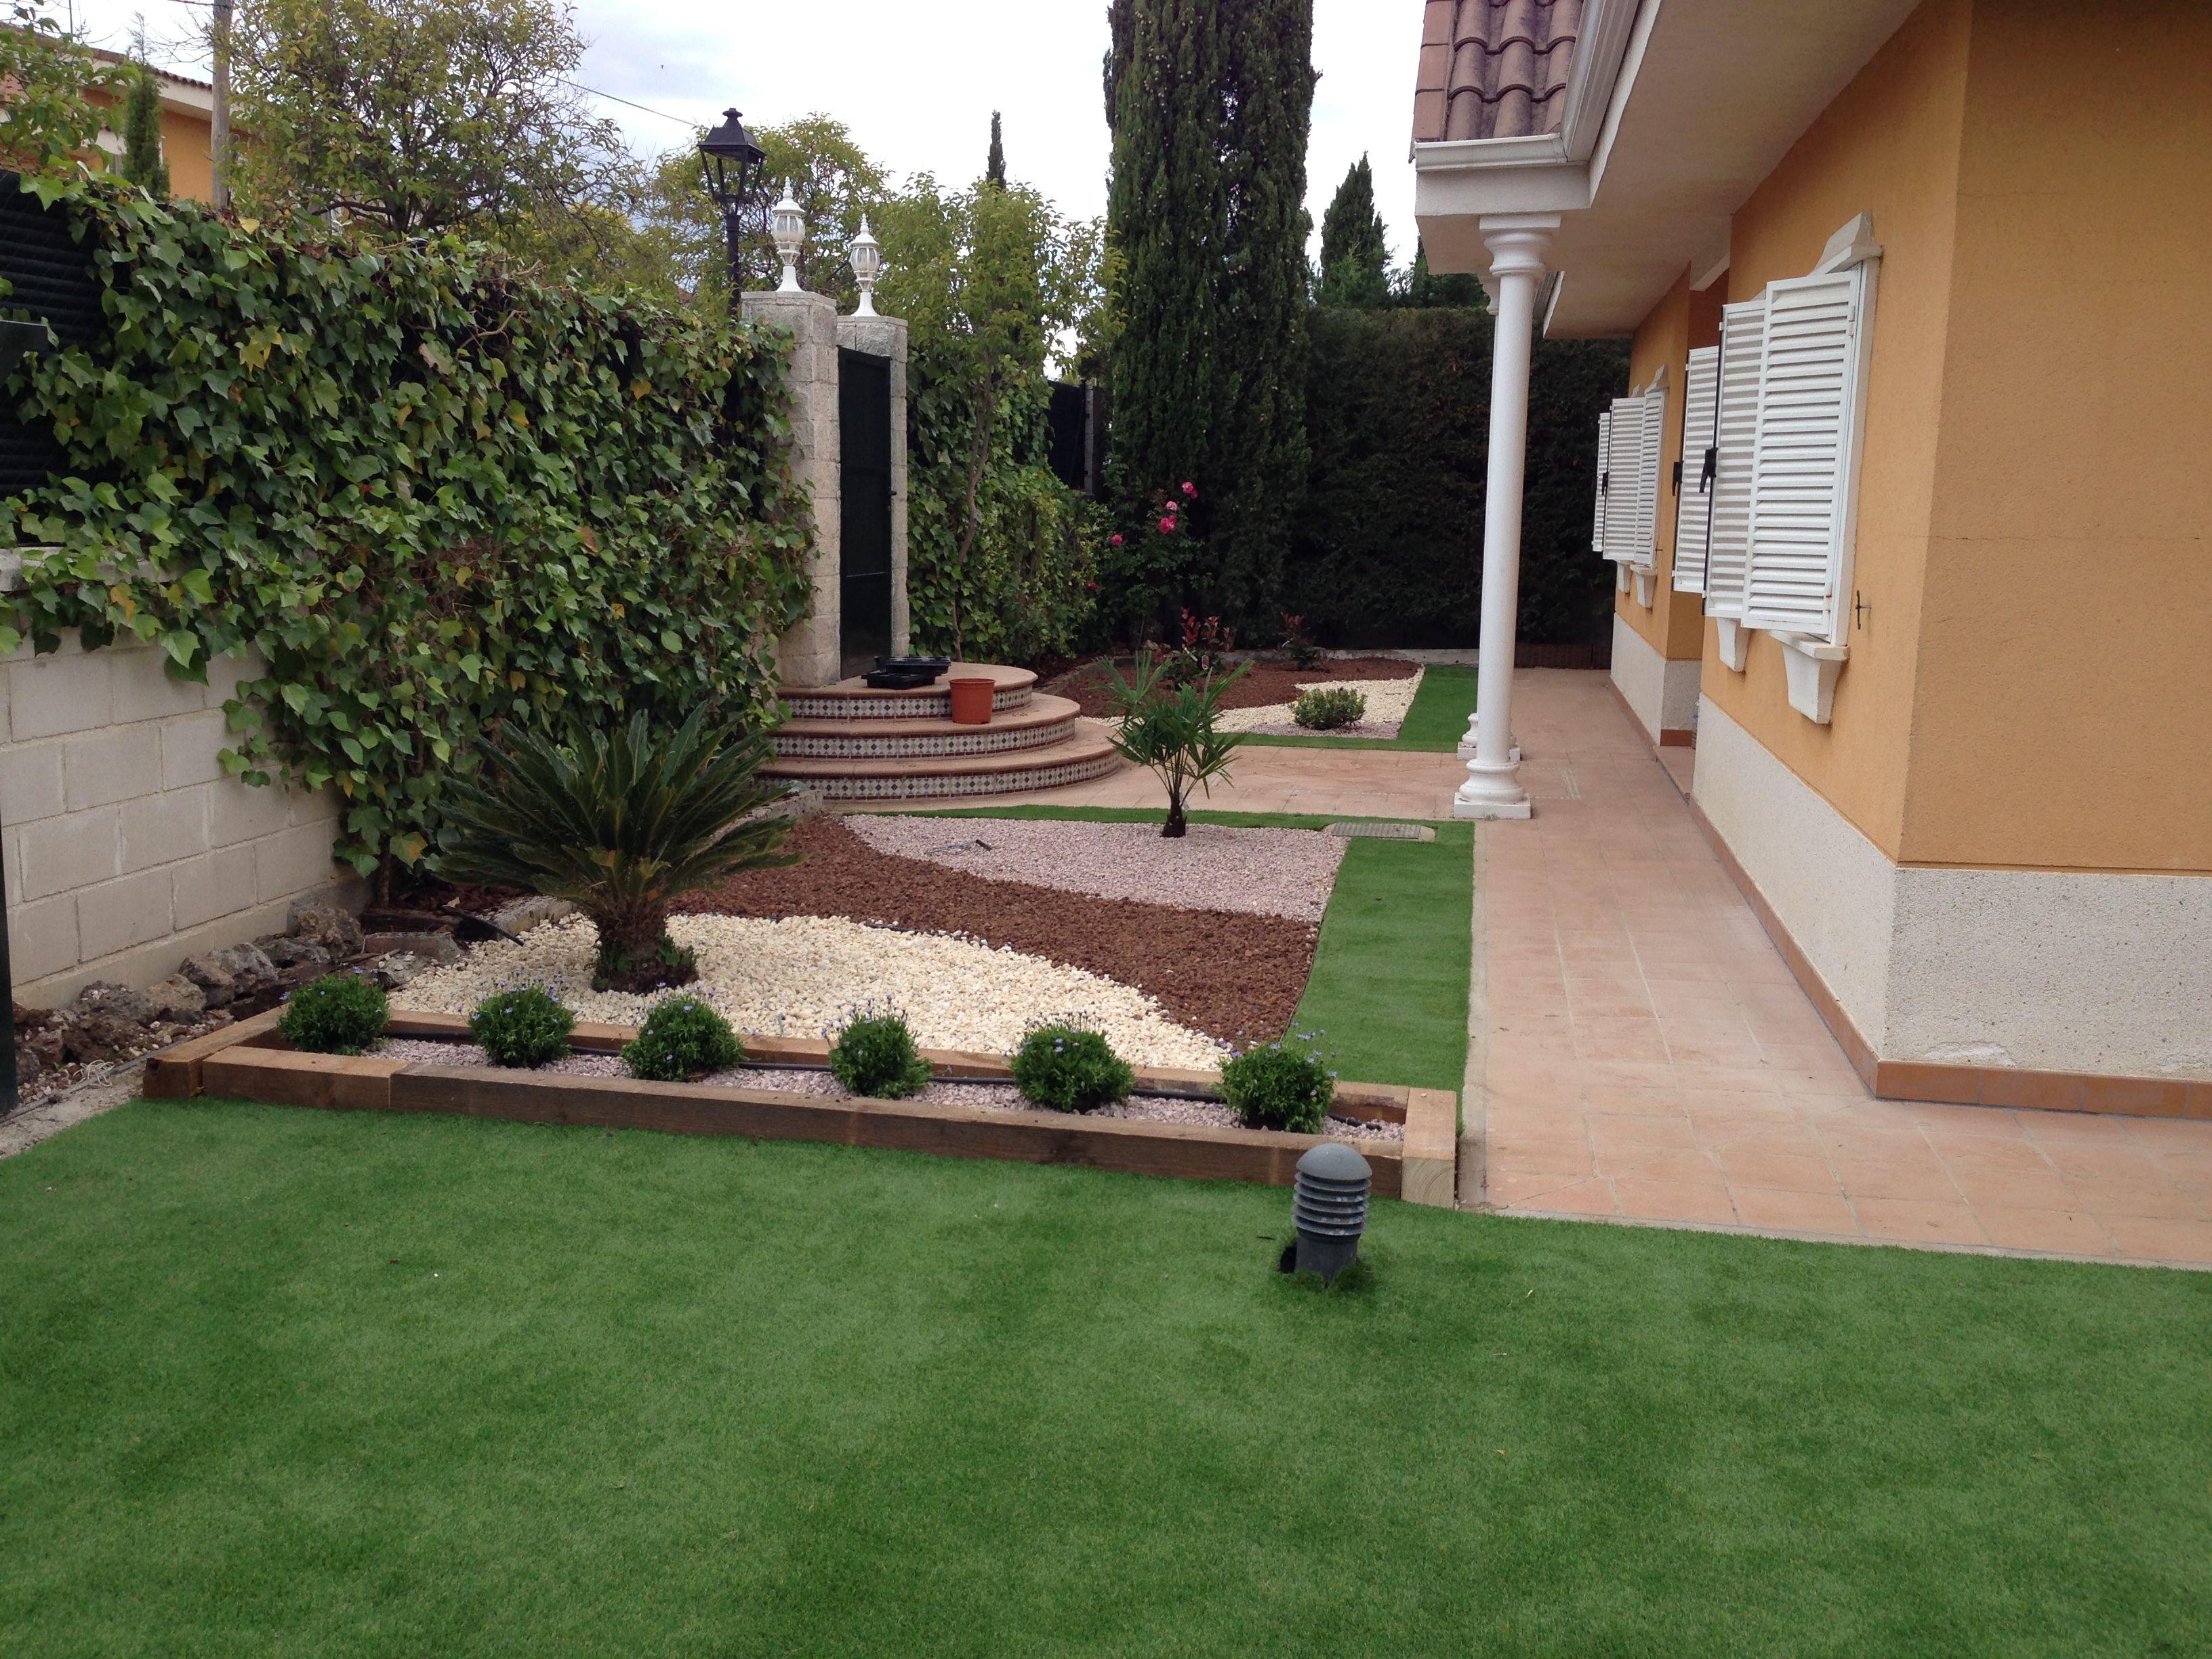 Estupendo jardin sostenible y ejemplar que combina c sped - Cesped artificial tarkett ...